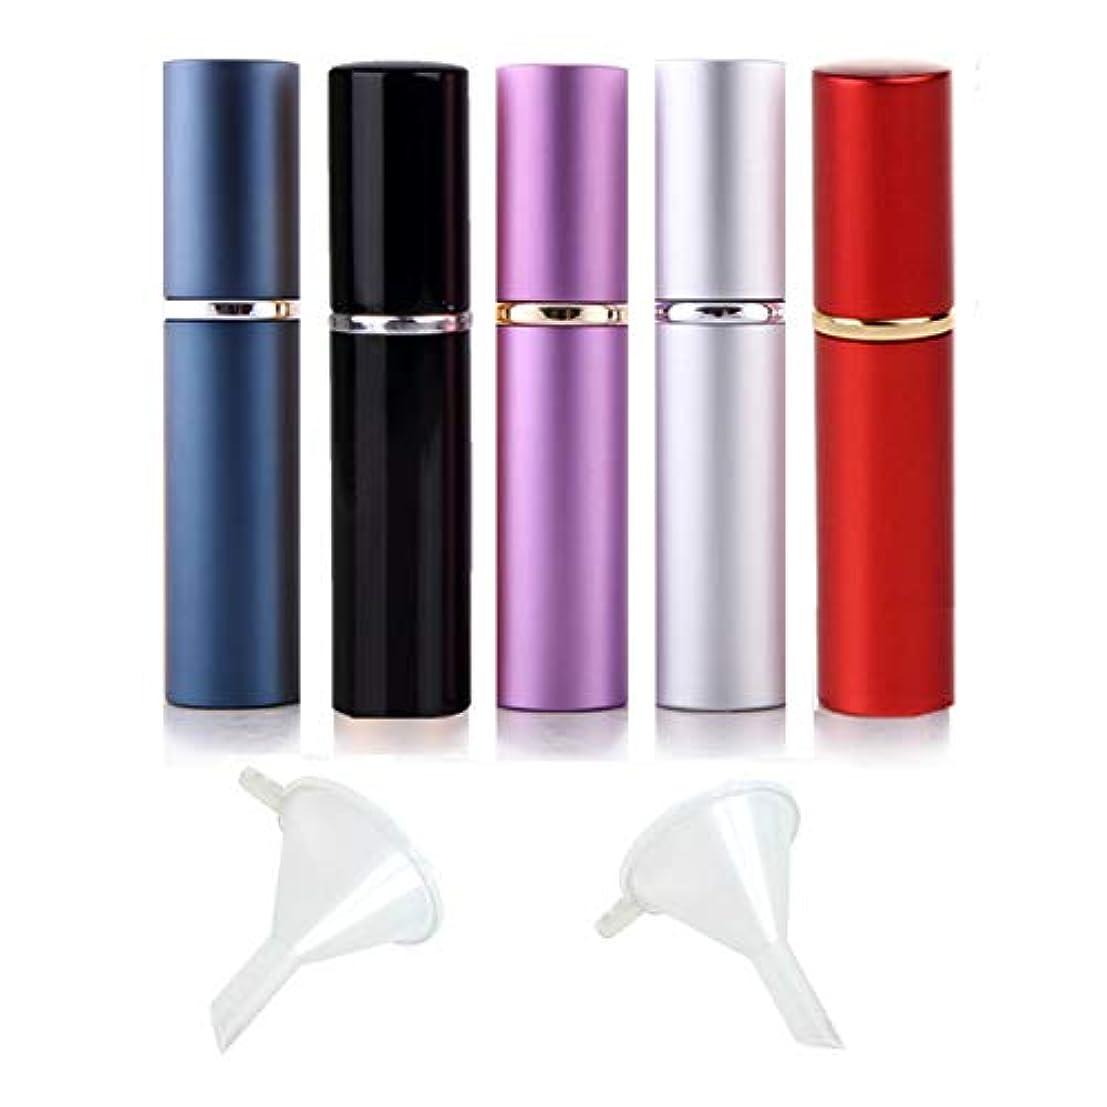 割り込み一般的に内訳アトマイザー 5本 香水ボトル 香水瓶 10ml詰め替え容器 レディース スプレーボトル ミニ漏斗付き